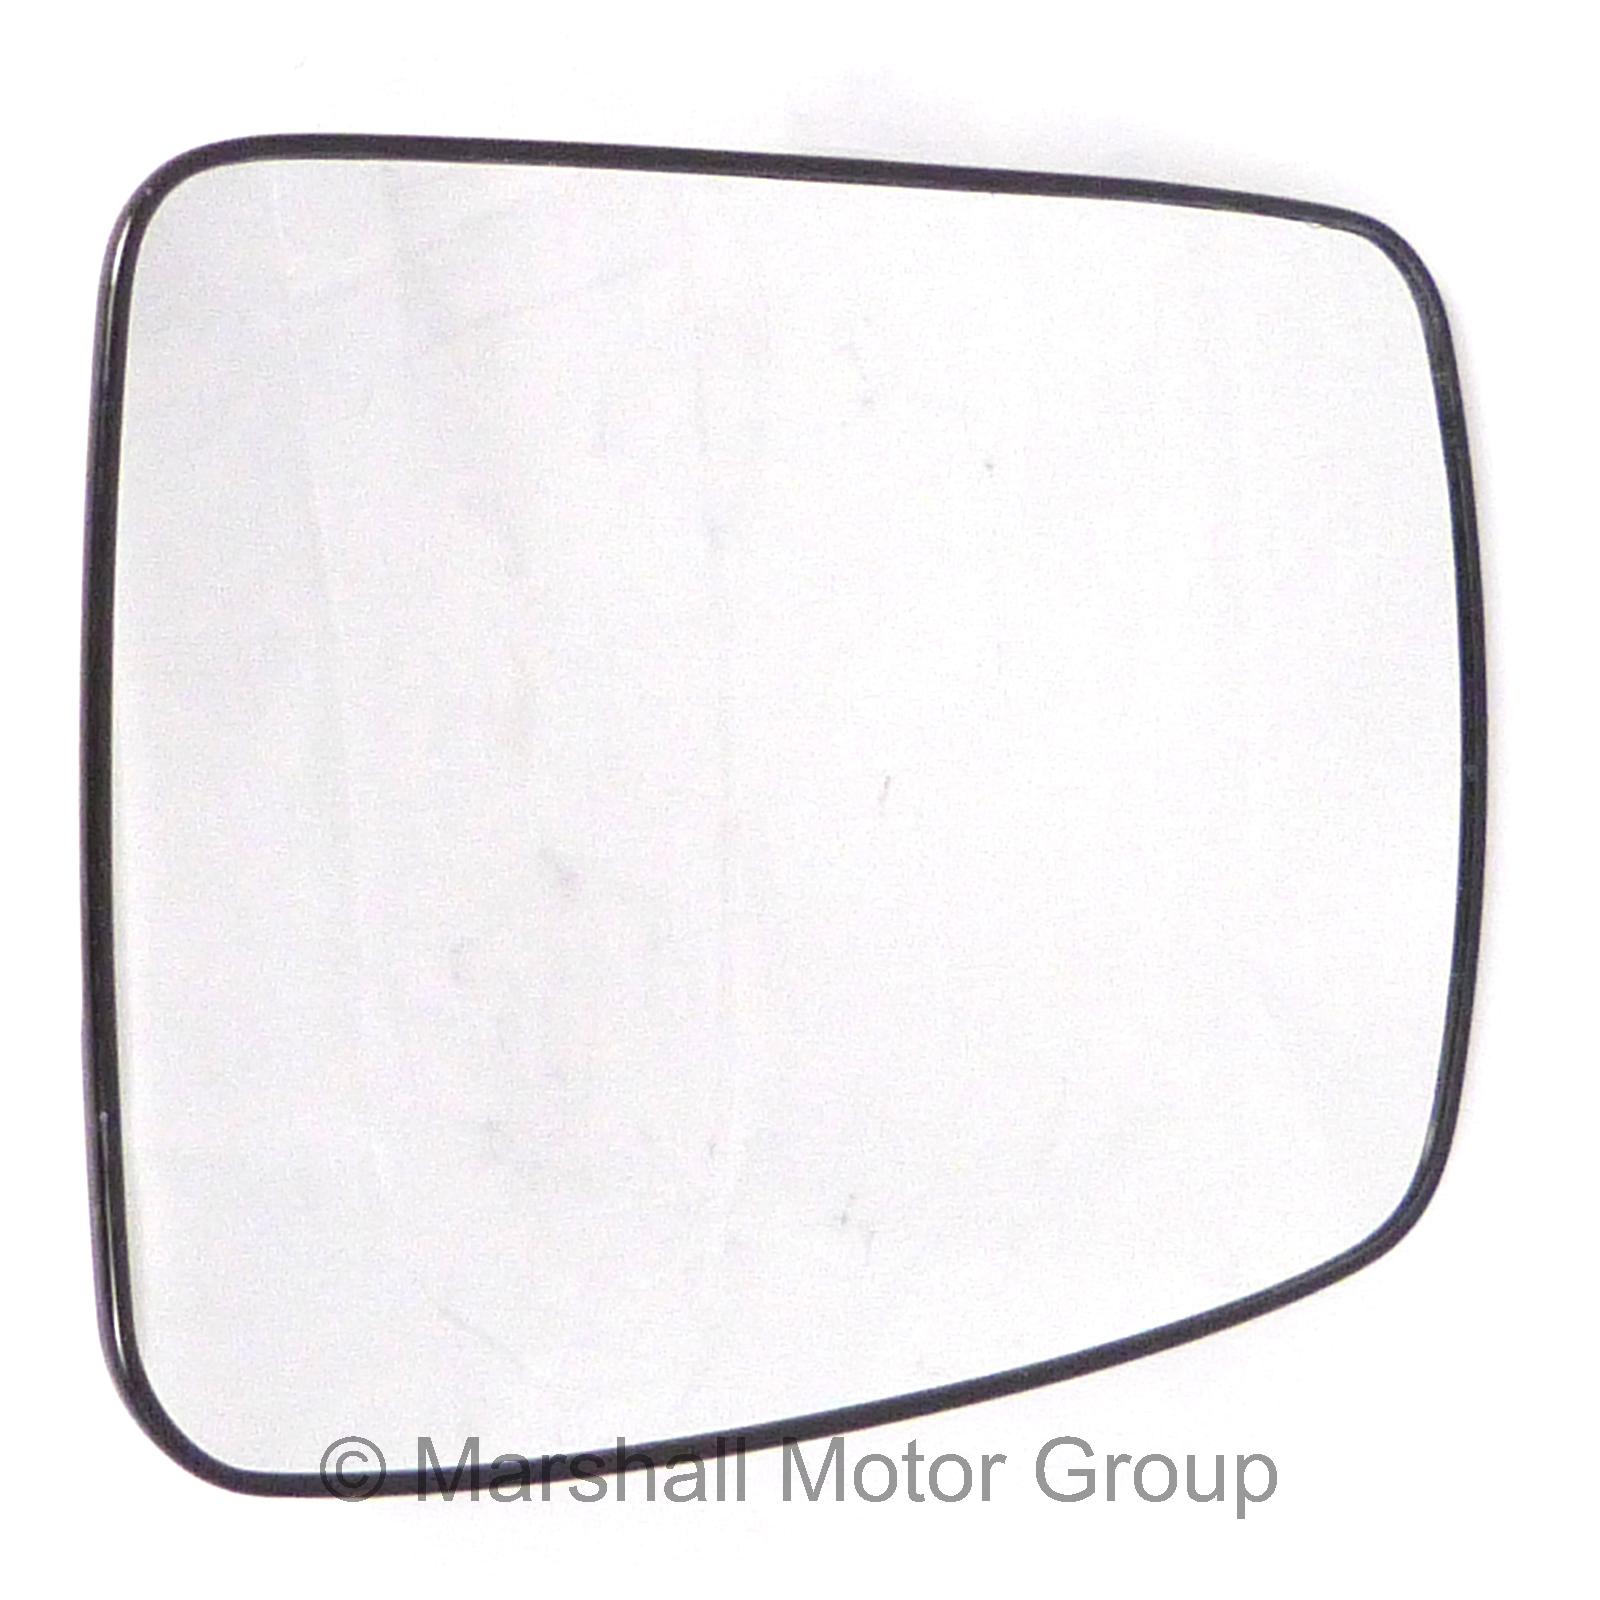 Genuine Land Rover Freelander 2 Lh Wing Mirror Glass